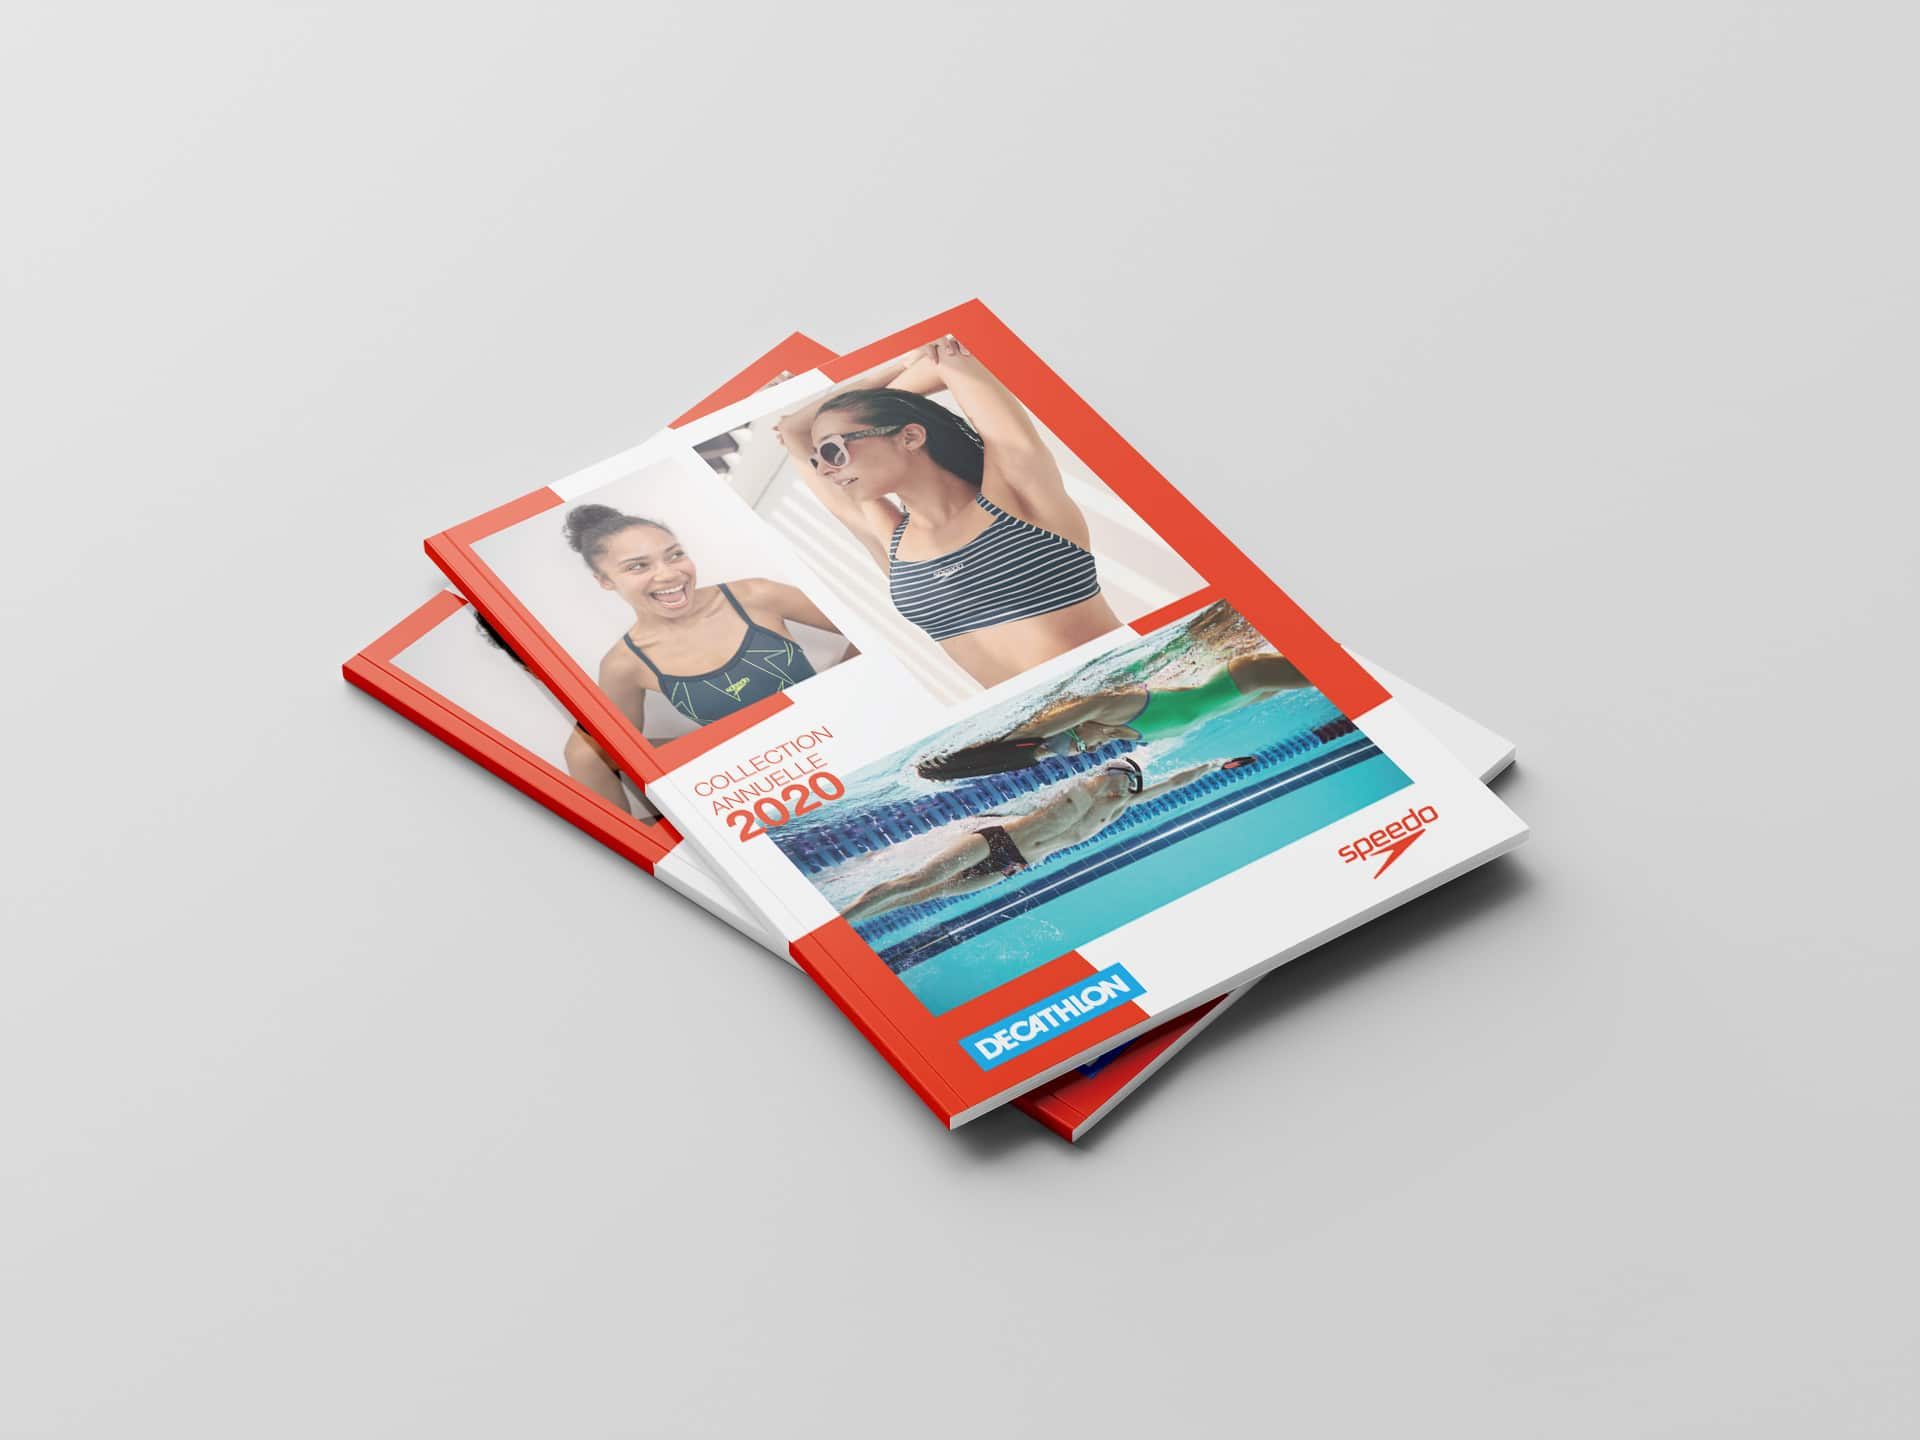 Il y a un catalogue de la marque Anglaise Speedo. Support réalisé par l'agence de communication print et digitale Siouxe, à Paris